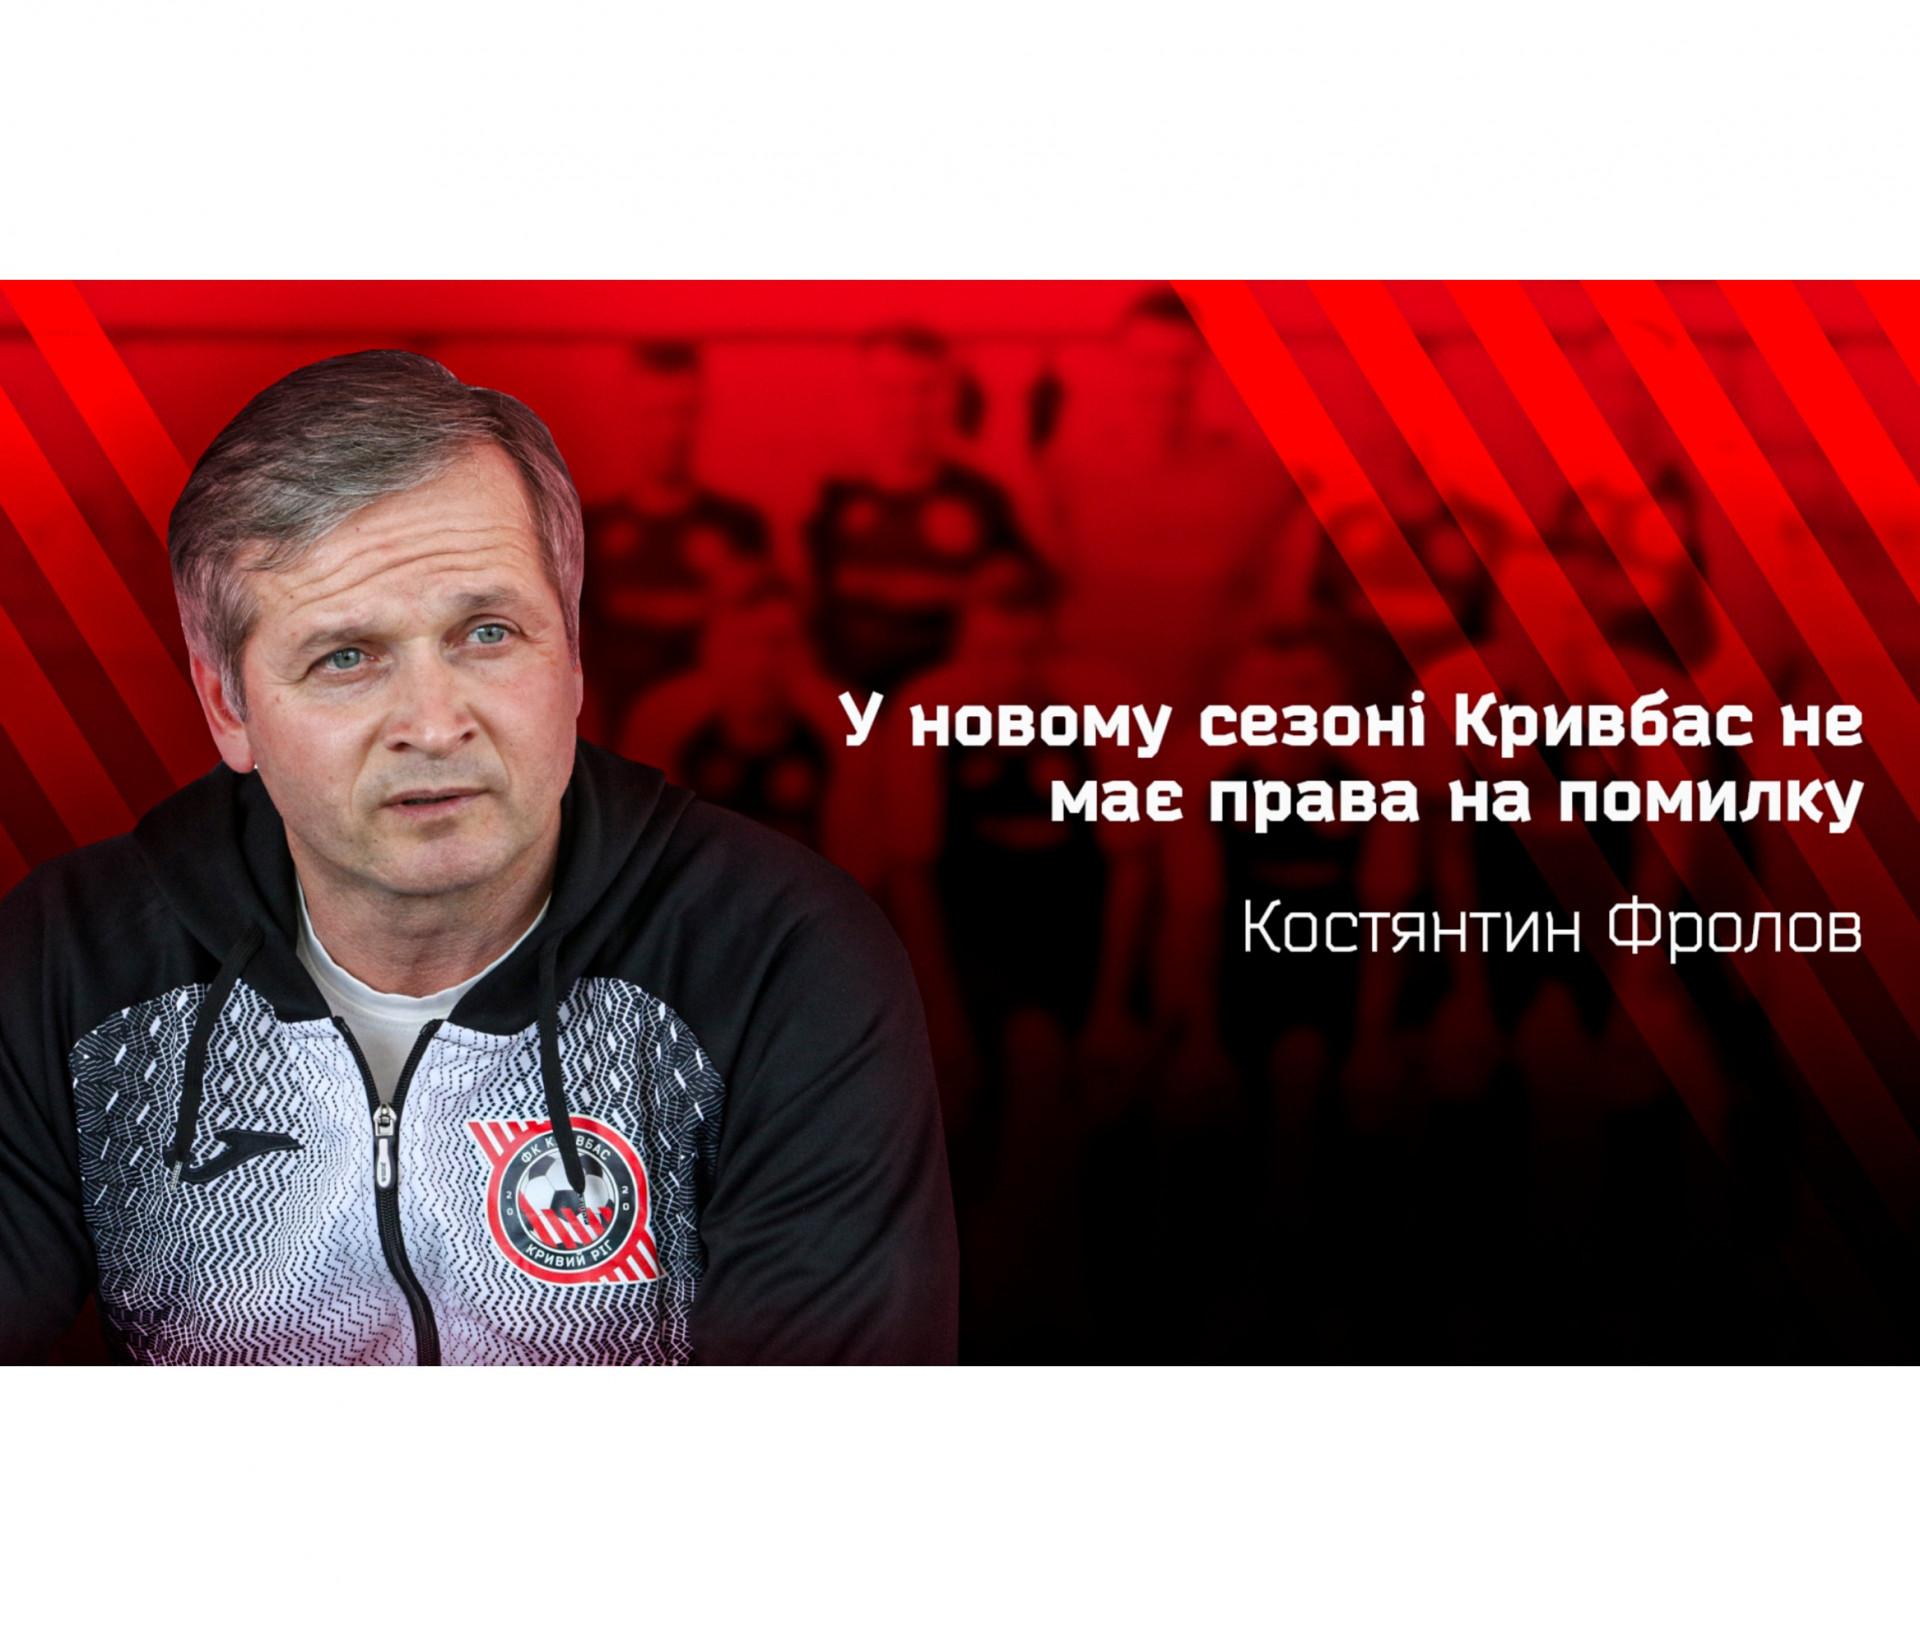 """Костянтин Фролов: У новому сезоні """"Кривбас"""" не має права на помилку}"""